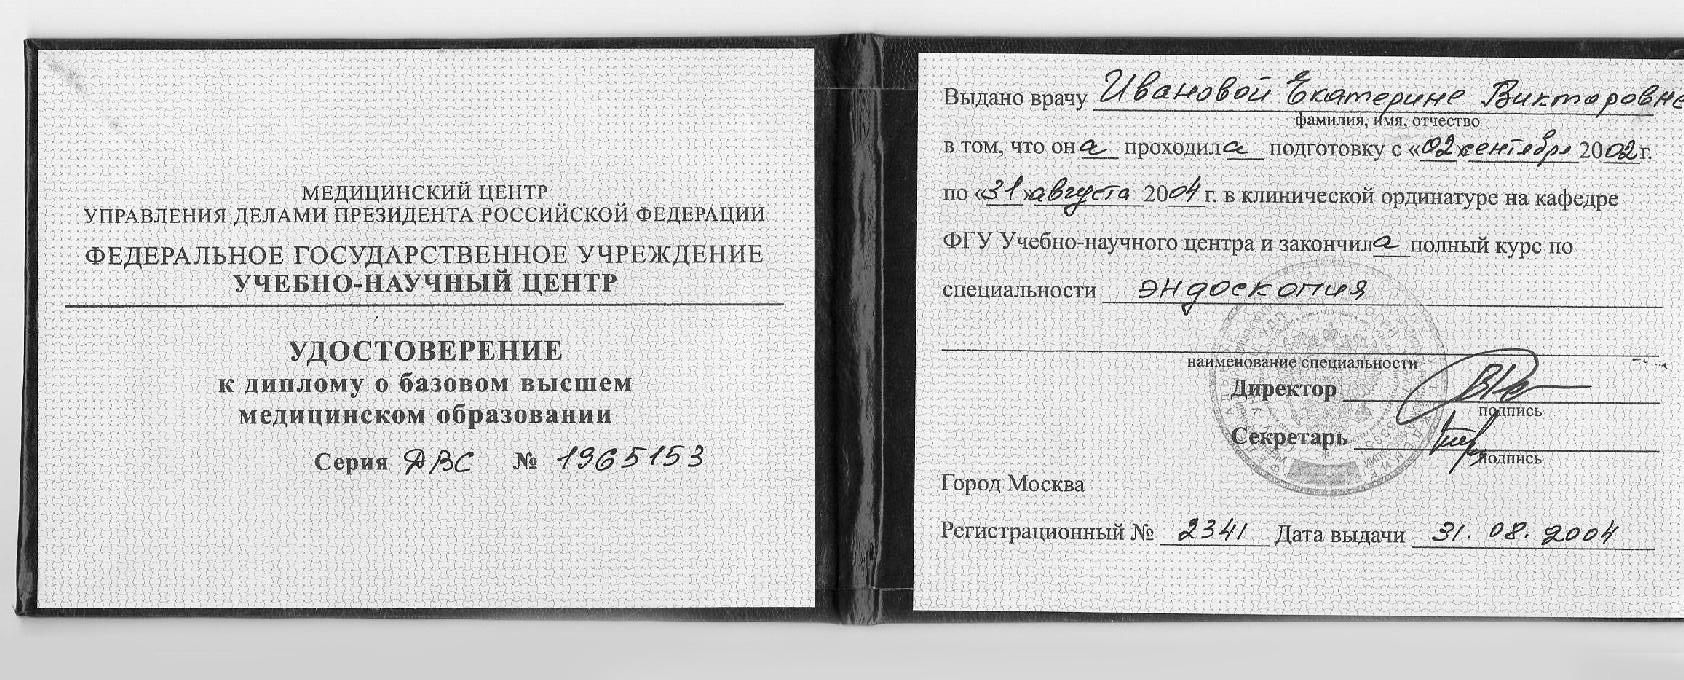 удостоверение к диплому екатеины ивановой